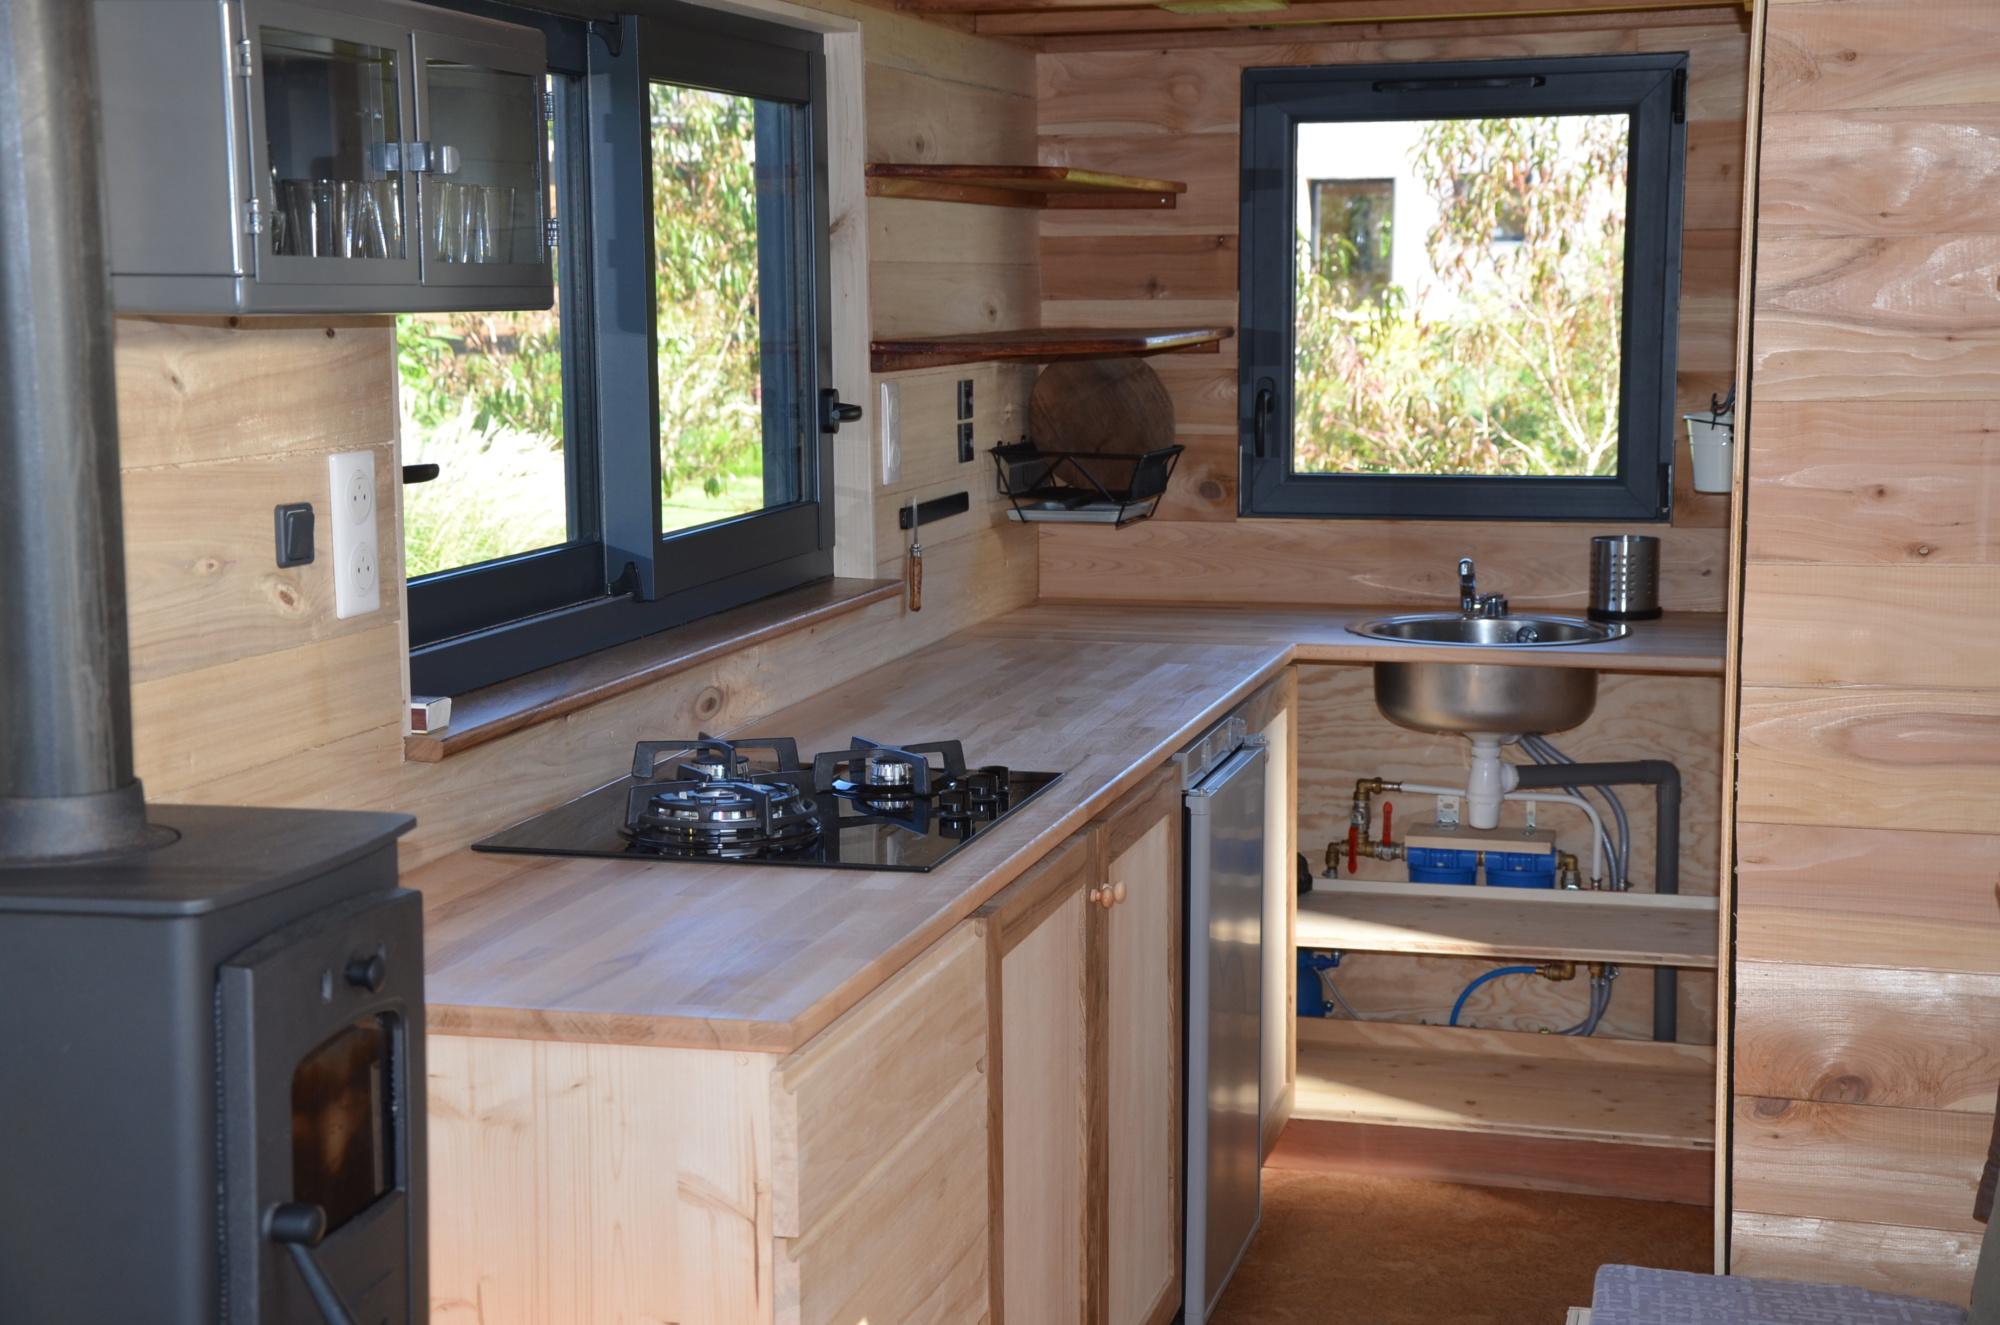 de l'eau en provenance de la réserve, de l'électricité fournie par les panneaux solaires : pour cuisiner autonome dans nos tiny houses